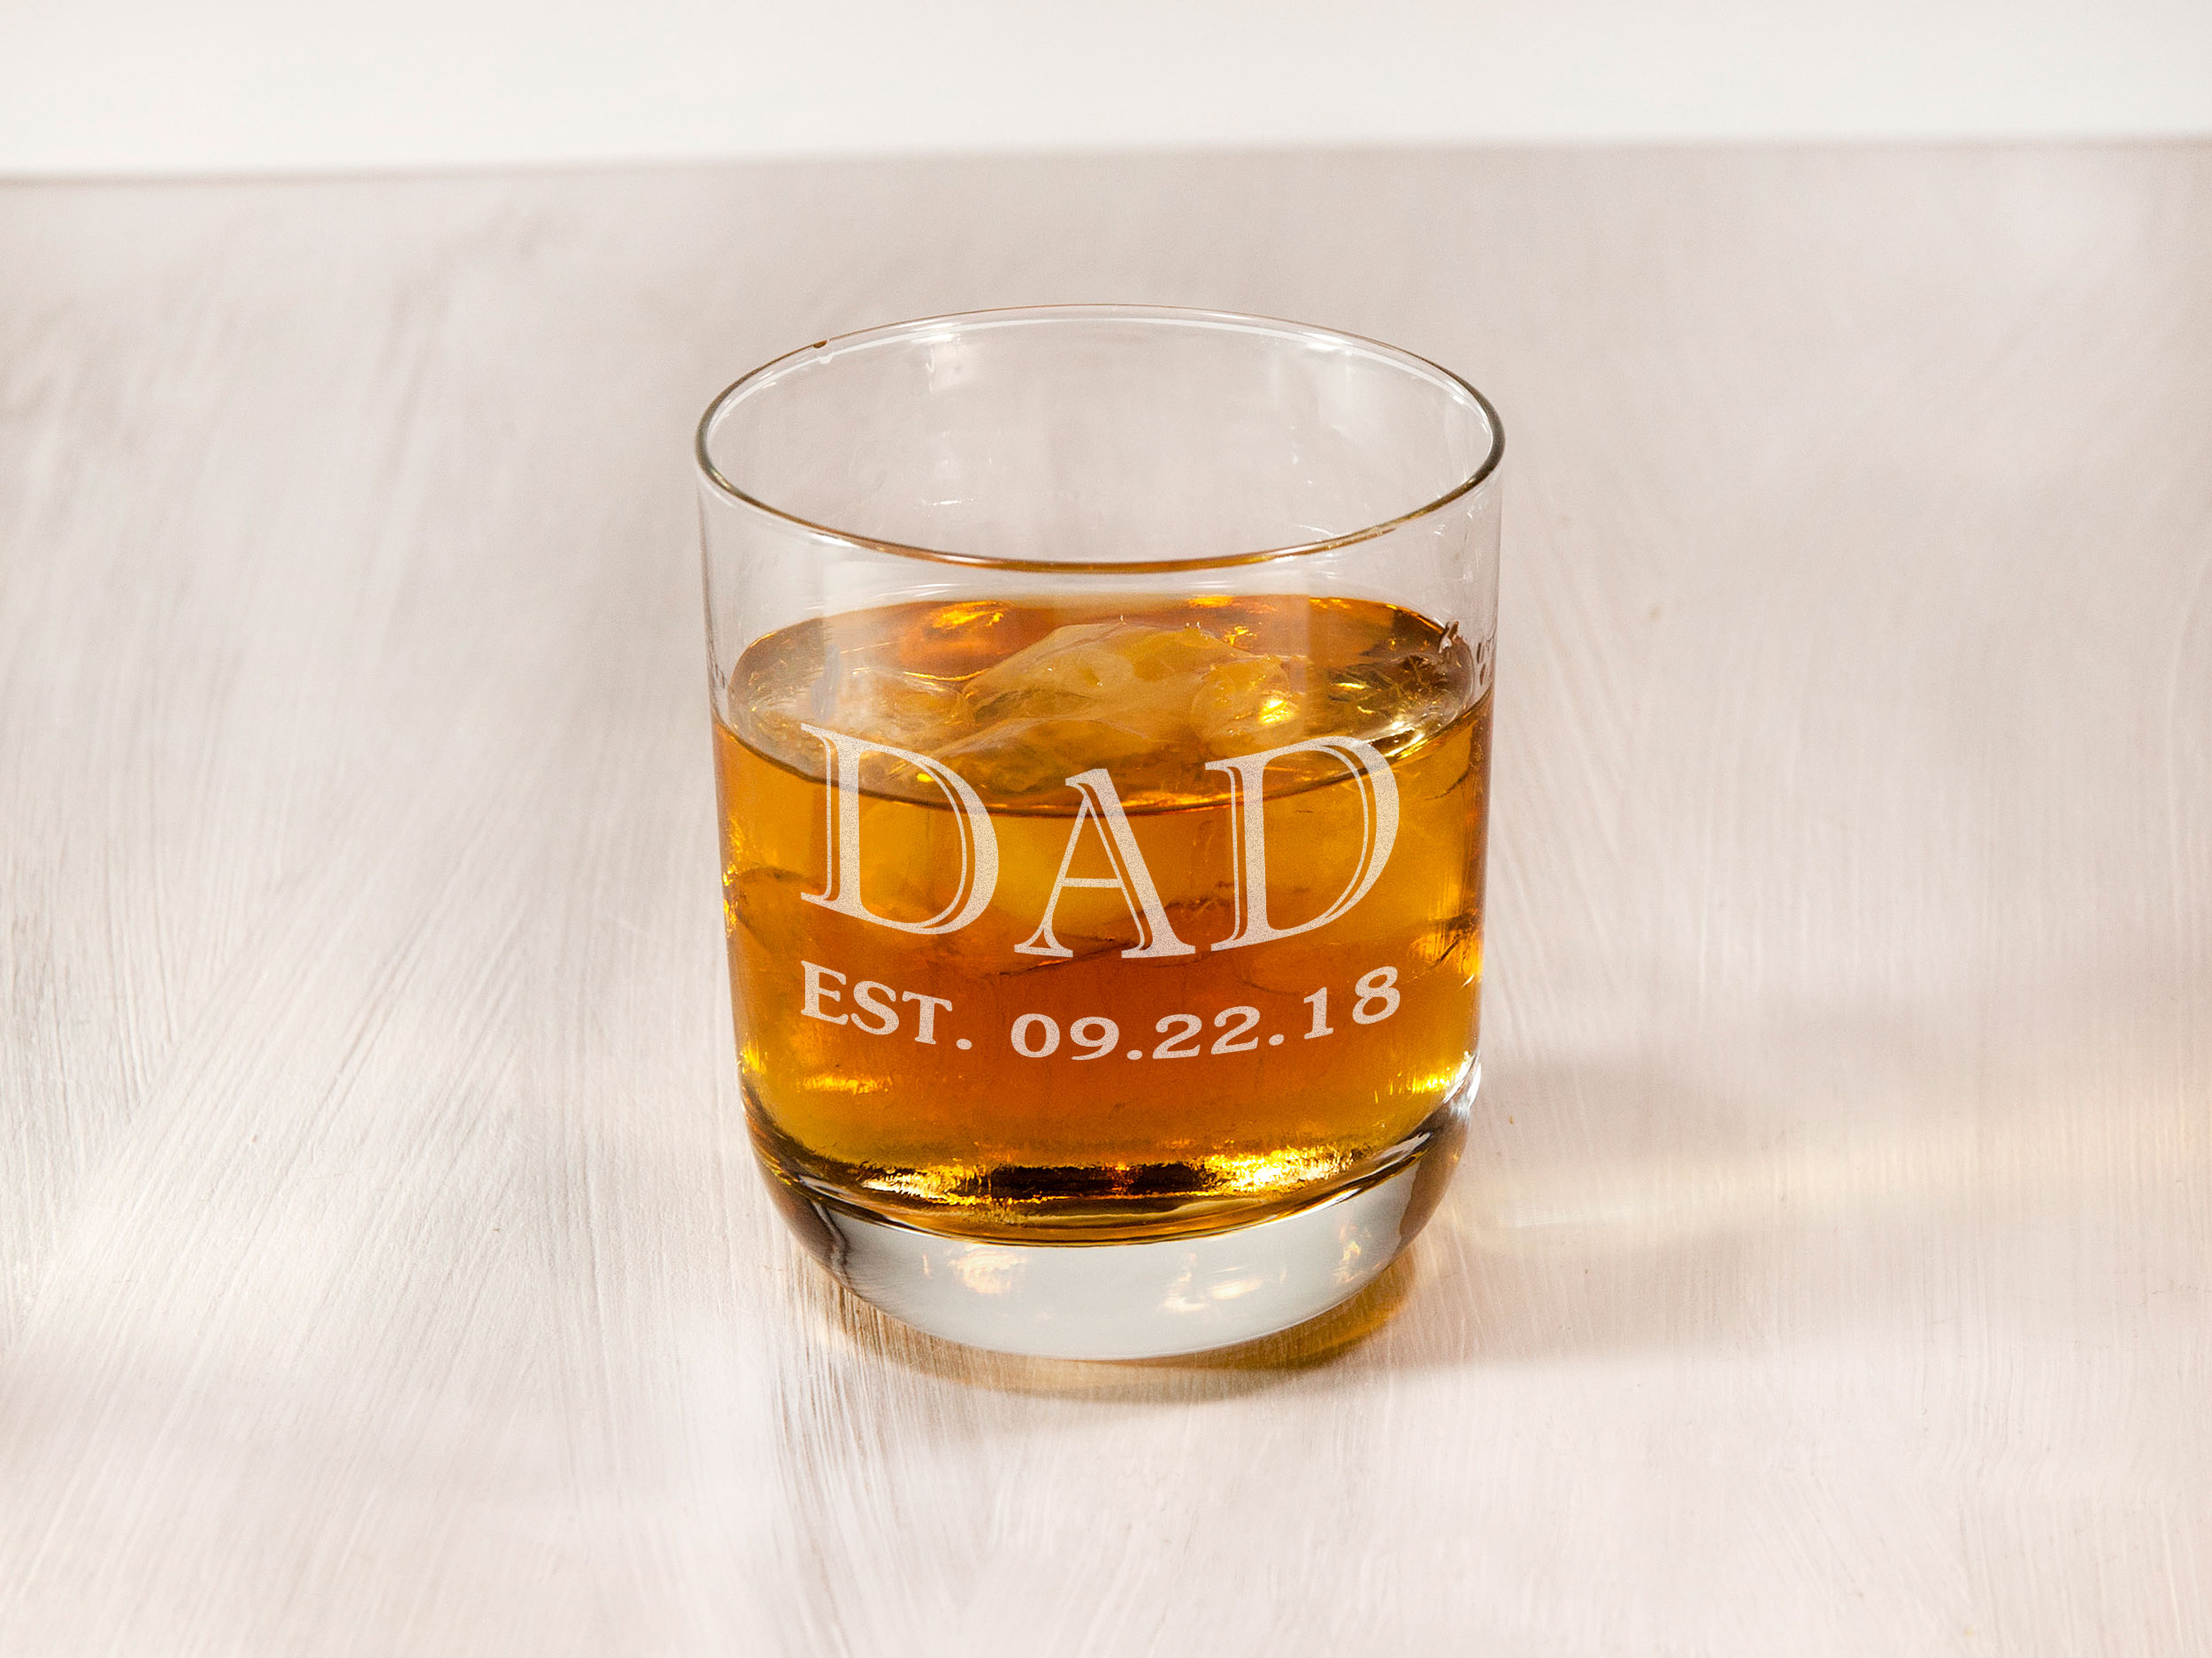 Стильный стакан для виски в деревянной коробке на подарок папе